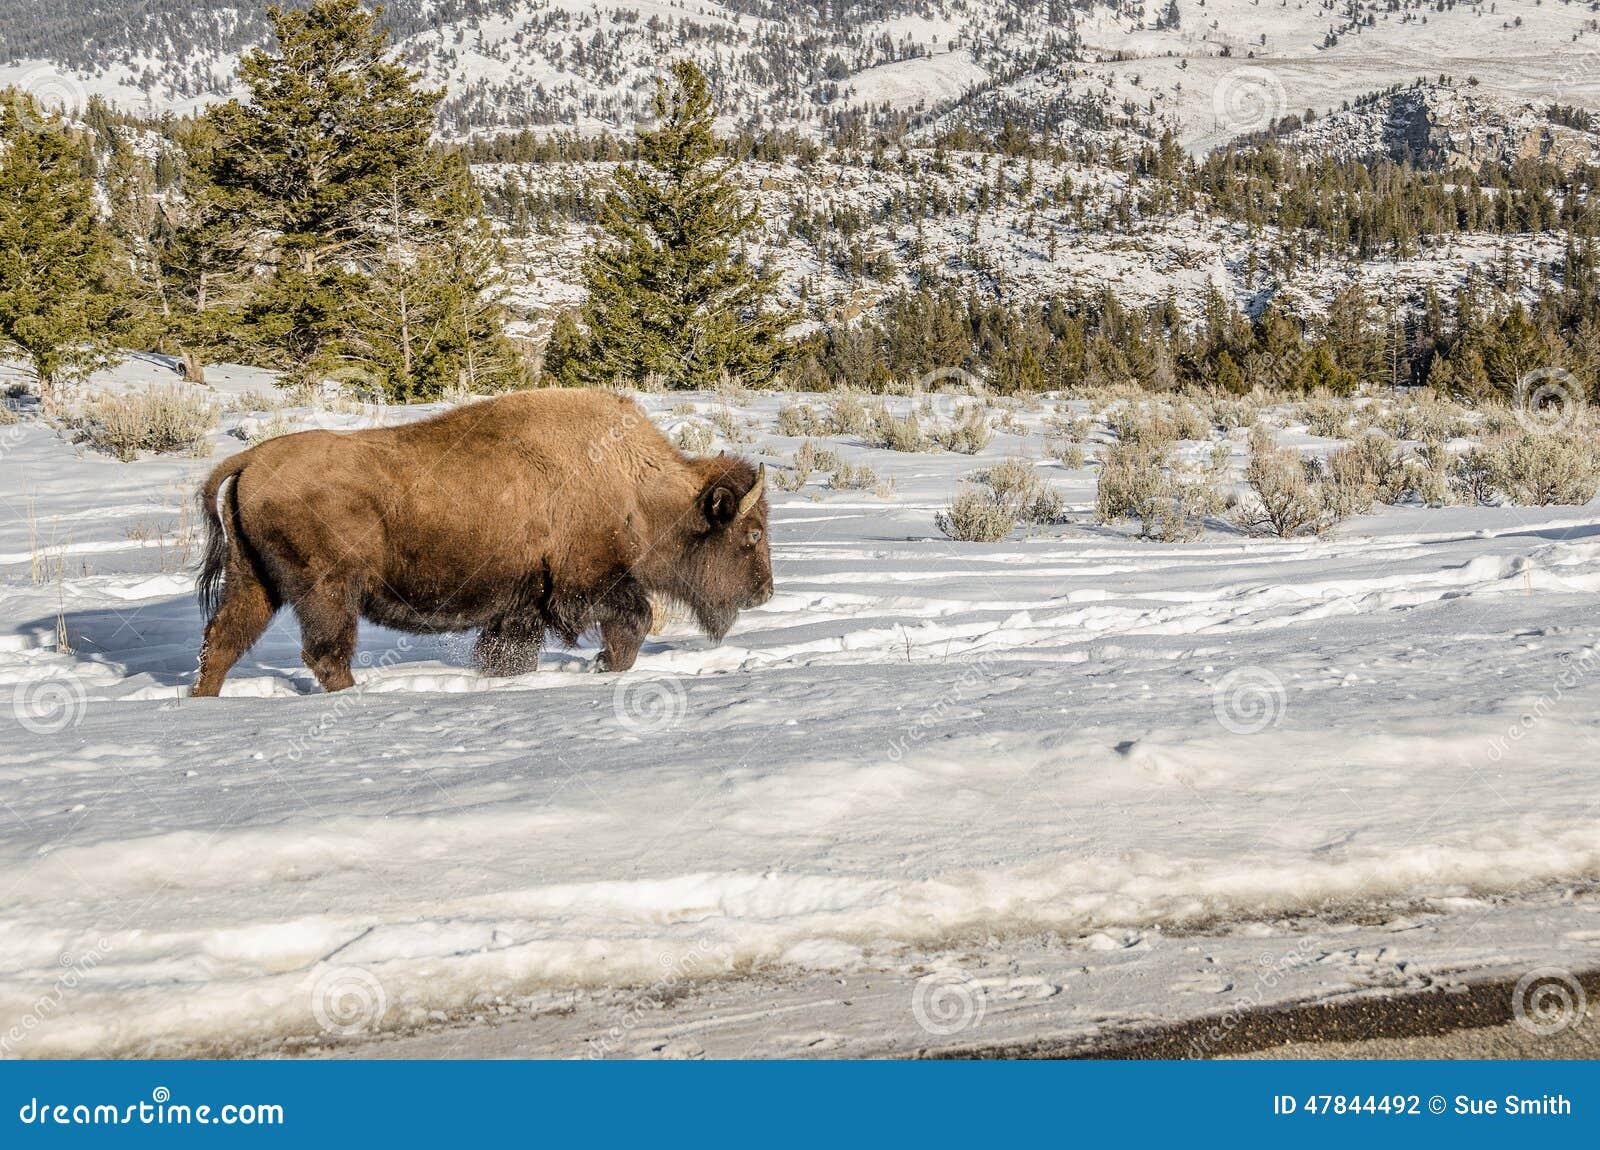 Bison Kicking Up Snow